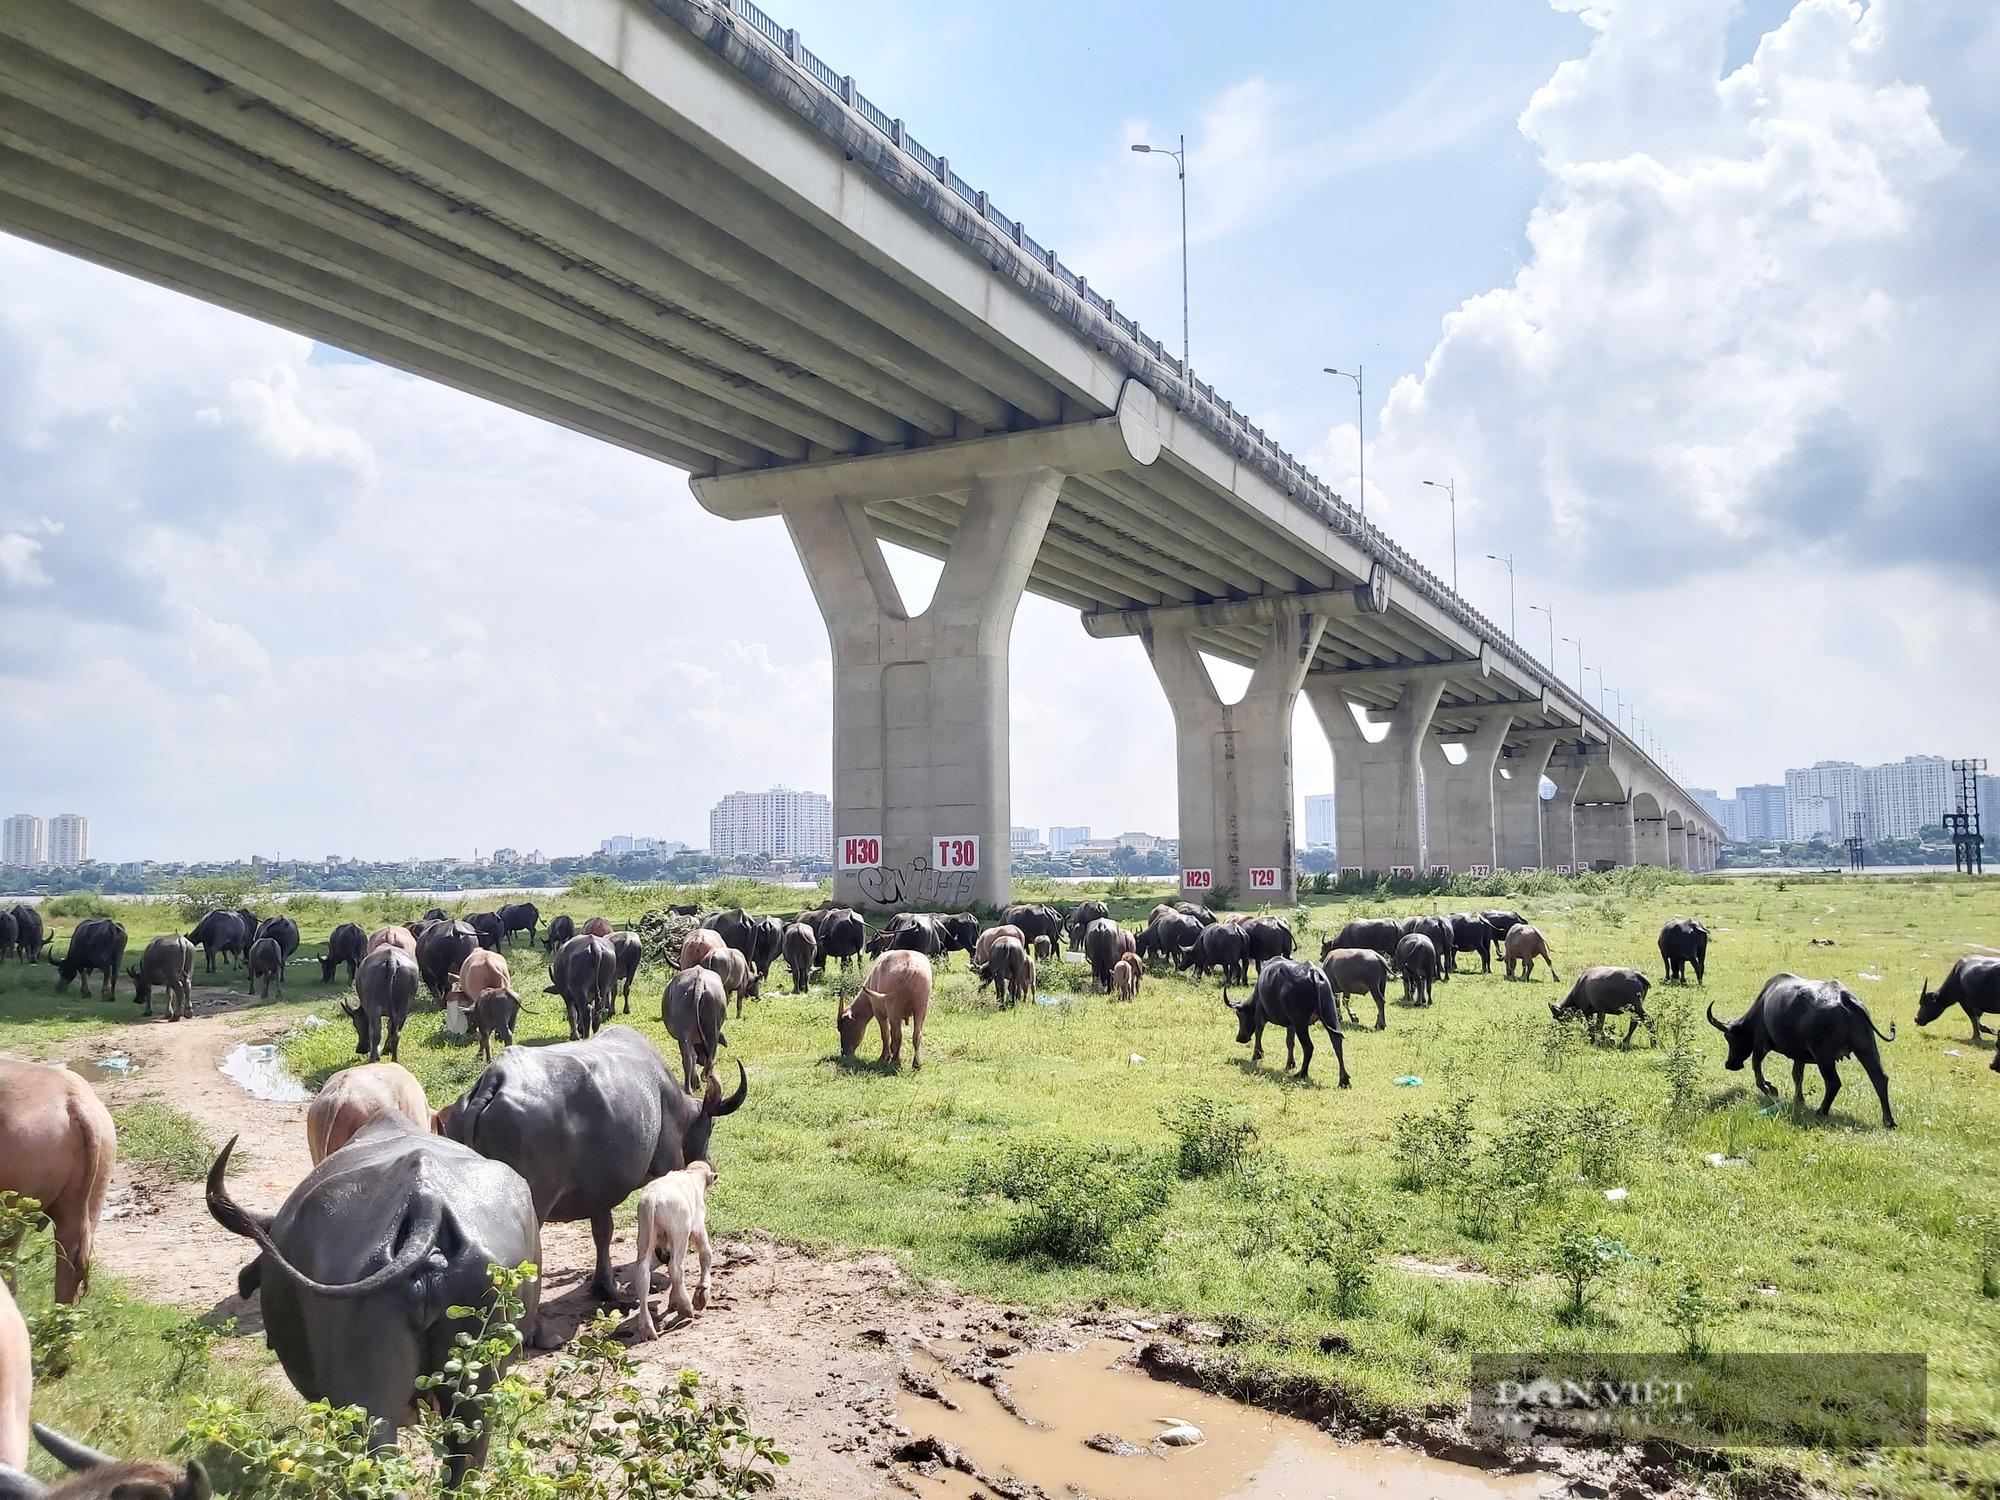 Hà Nội: Đàn trâu gần 200 con - Ảnh 1.